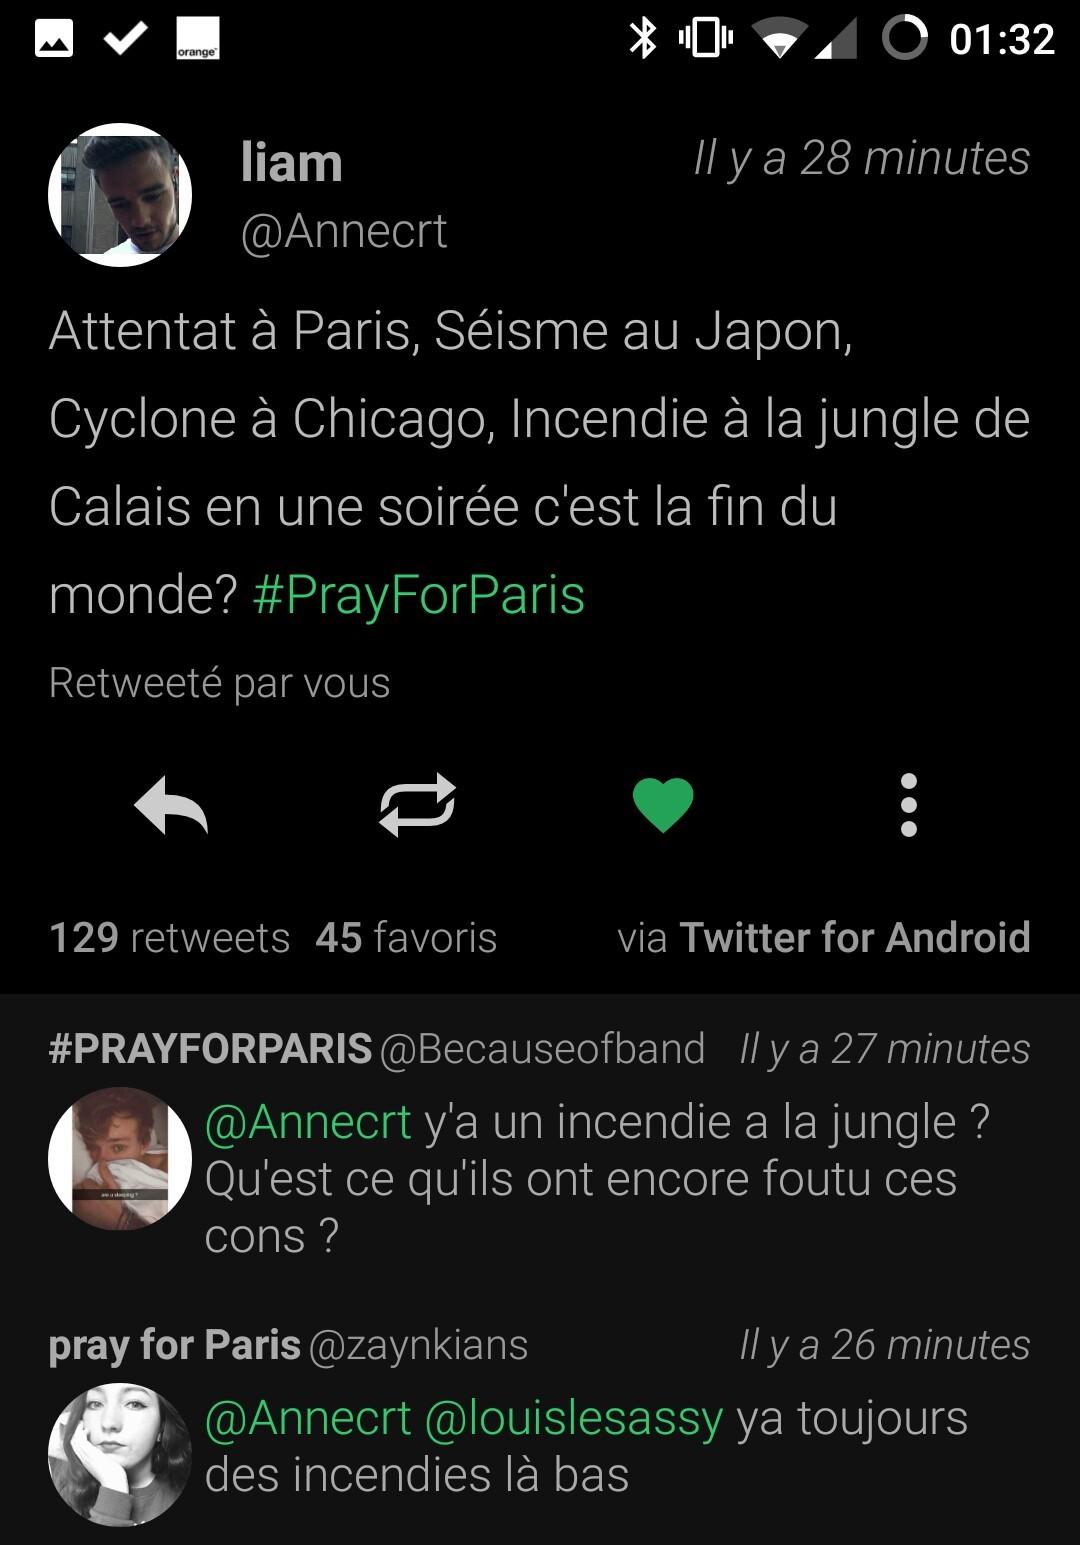 La première réponse à fait ma nuit :rire: :rore: :rure: #PrayGorParis tout de même - meme